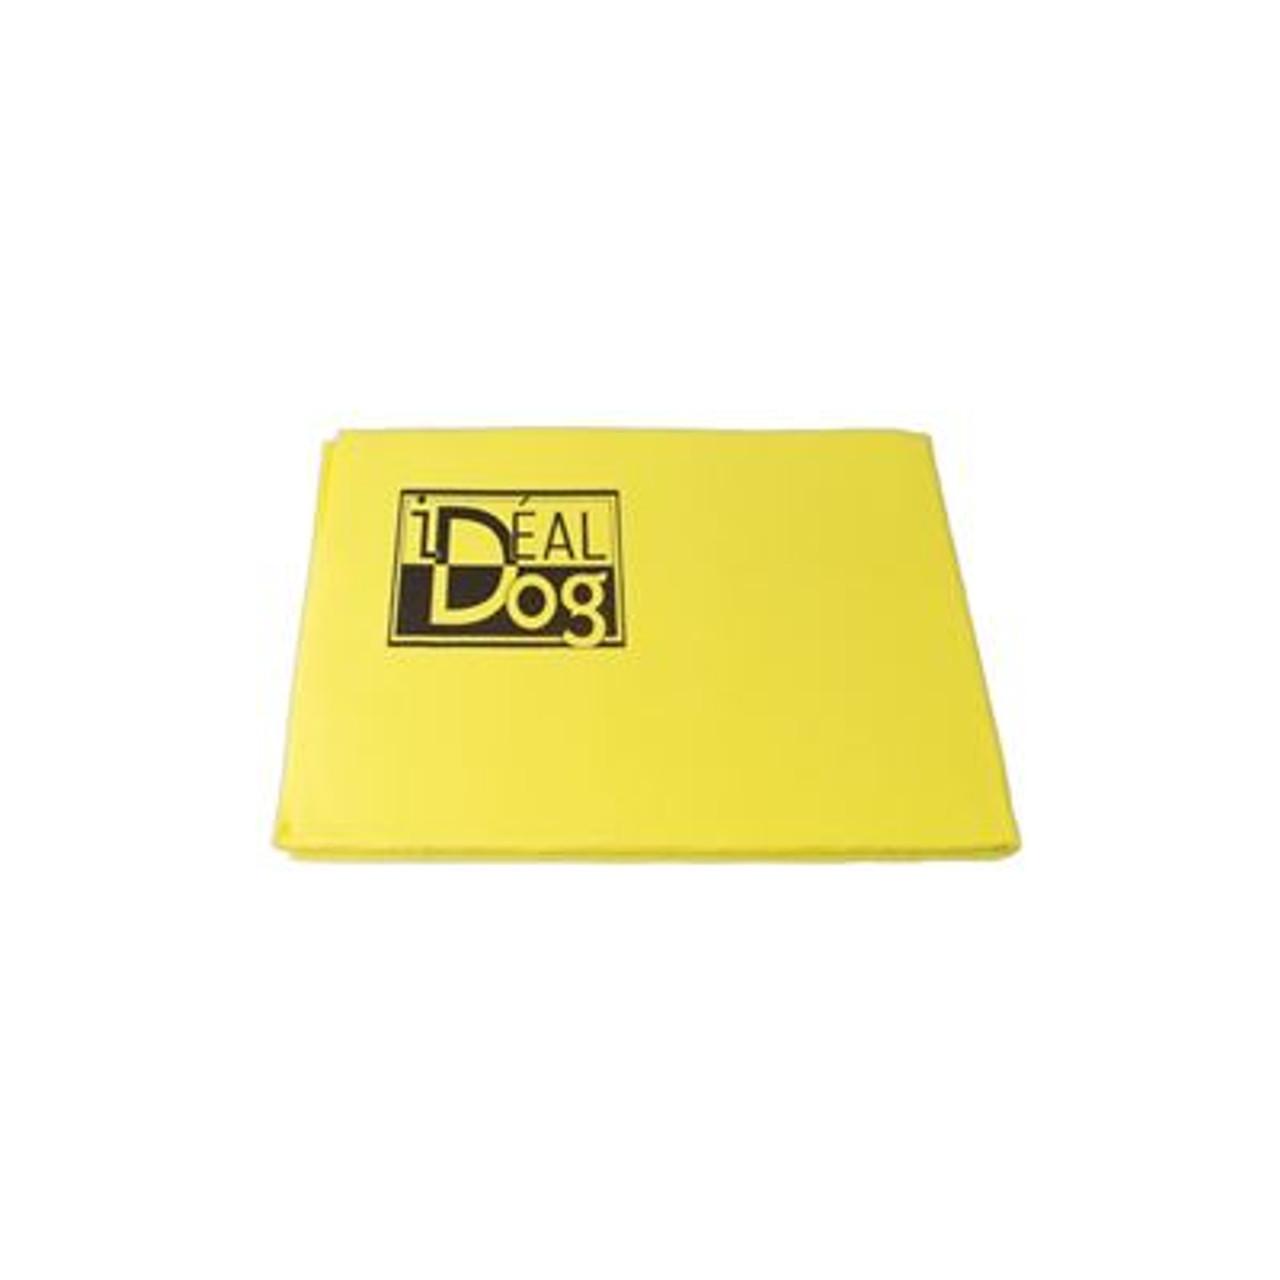 Ideal Dog Super Absorbant Towel